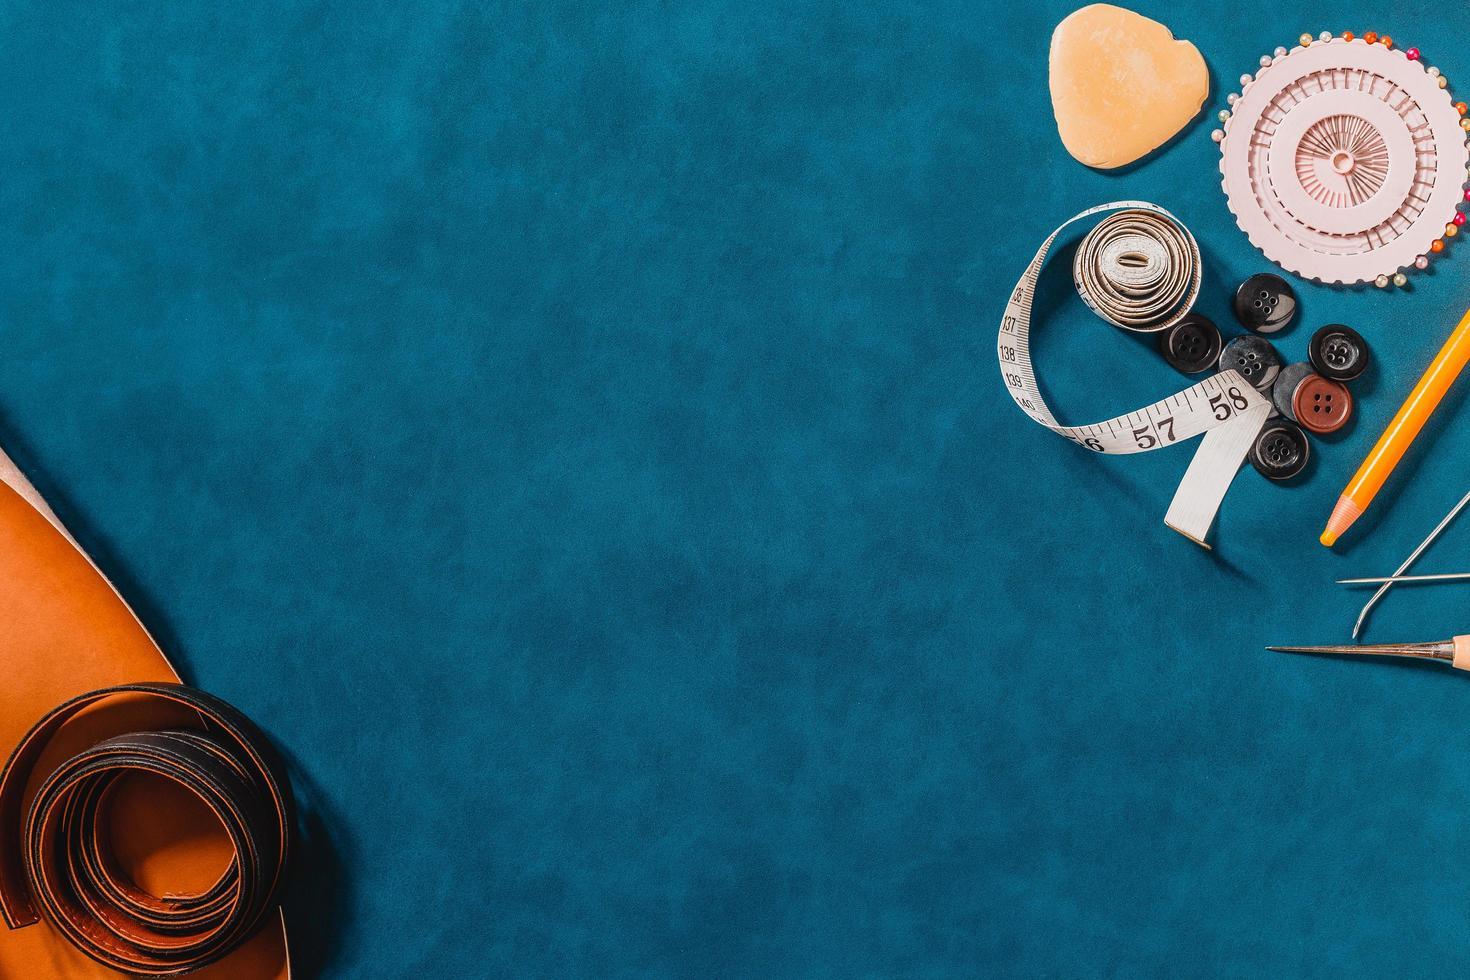 blauer strukturierter Hintergrund mit Nähwerkzeugen foto